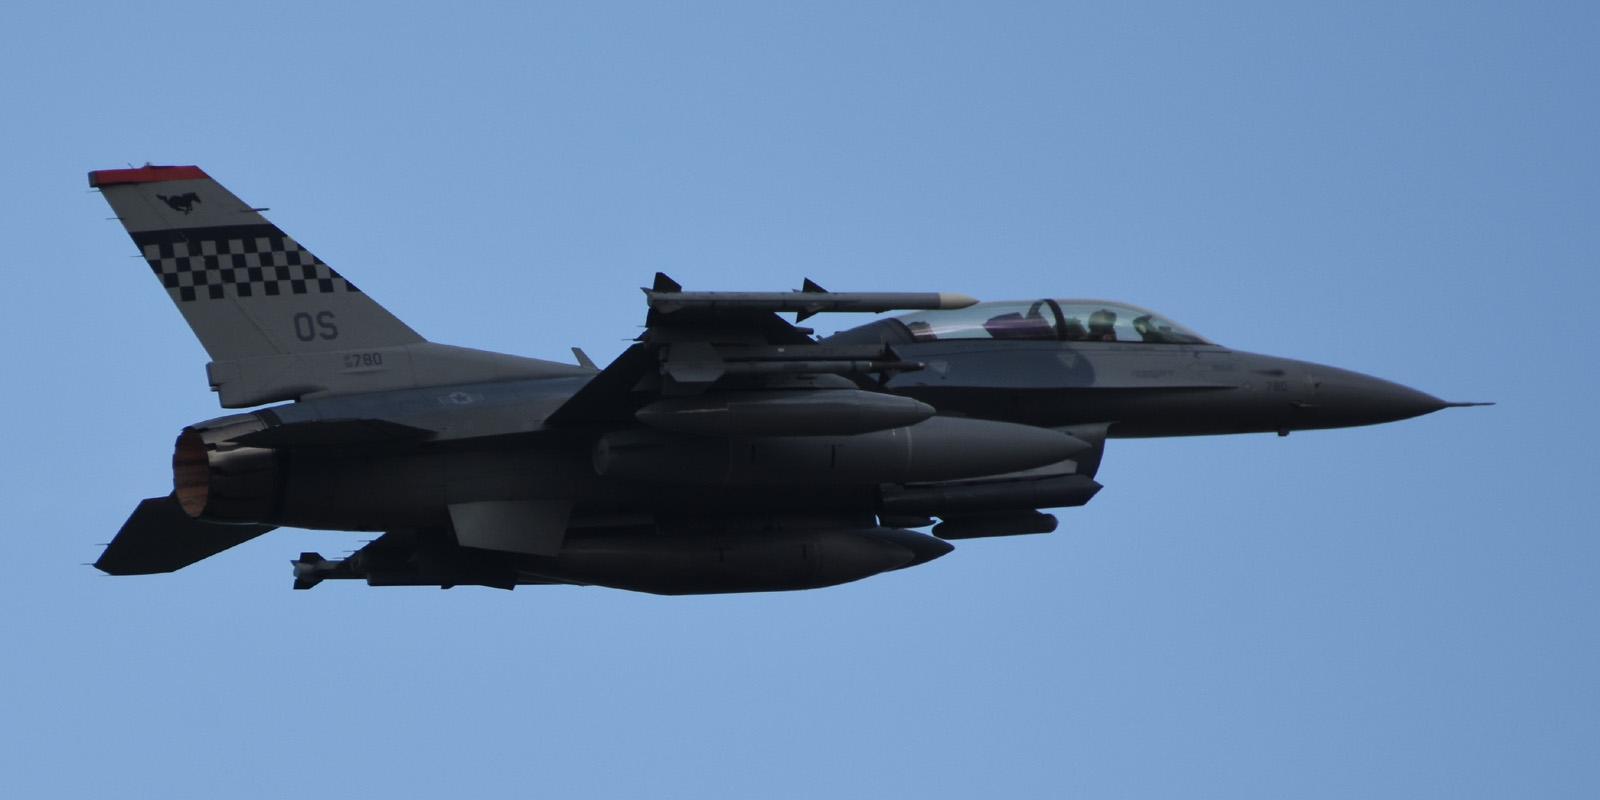 F16dm170604g264